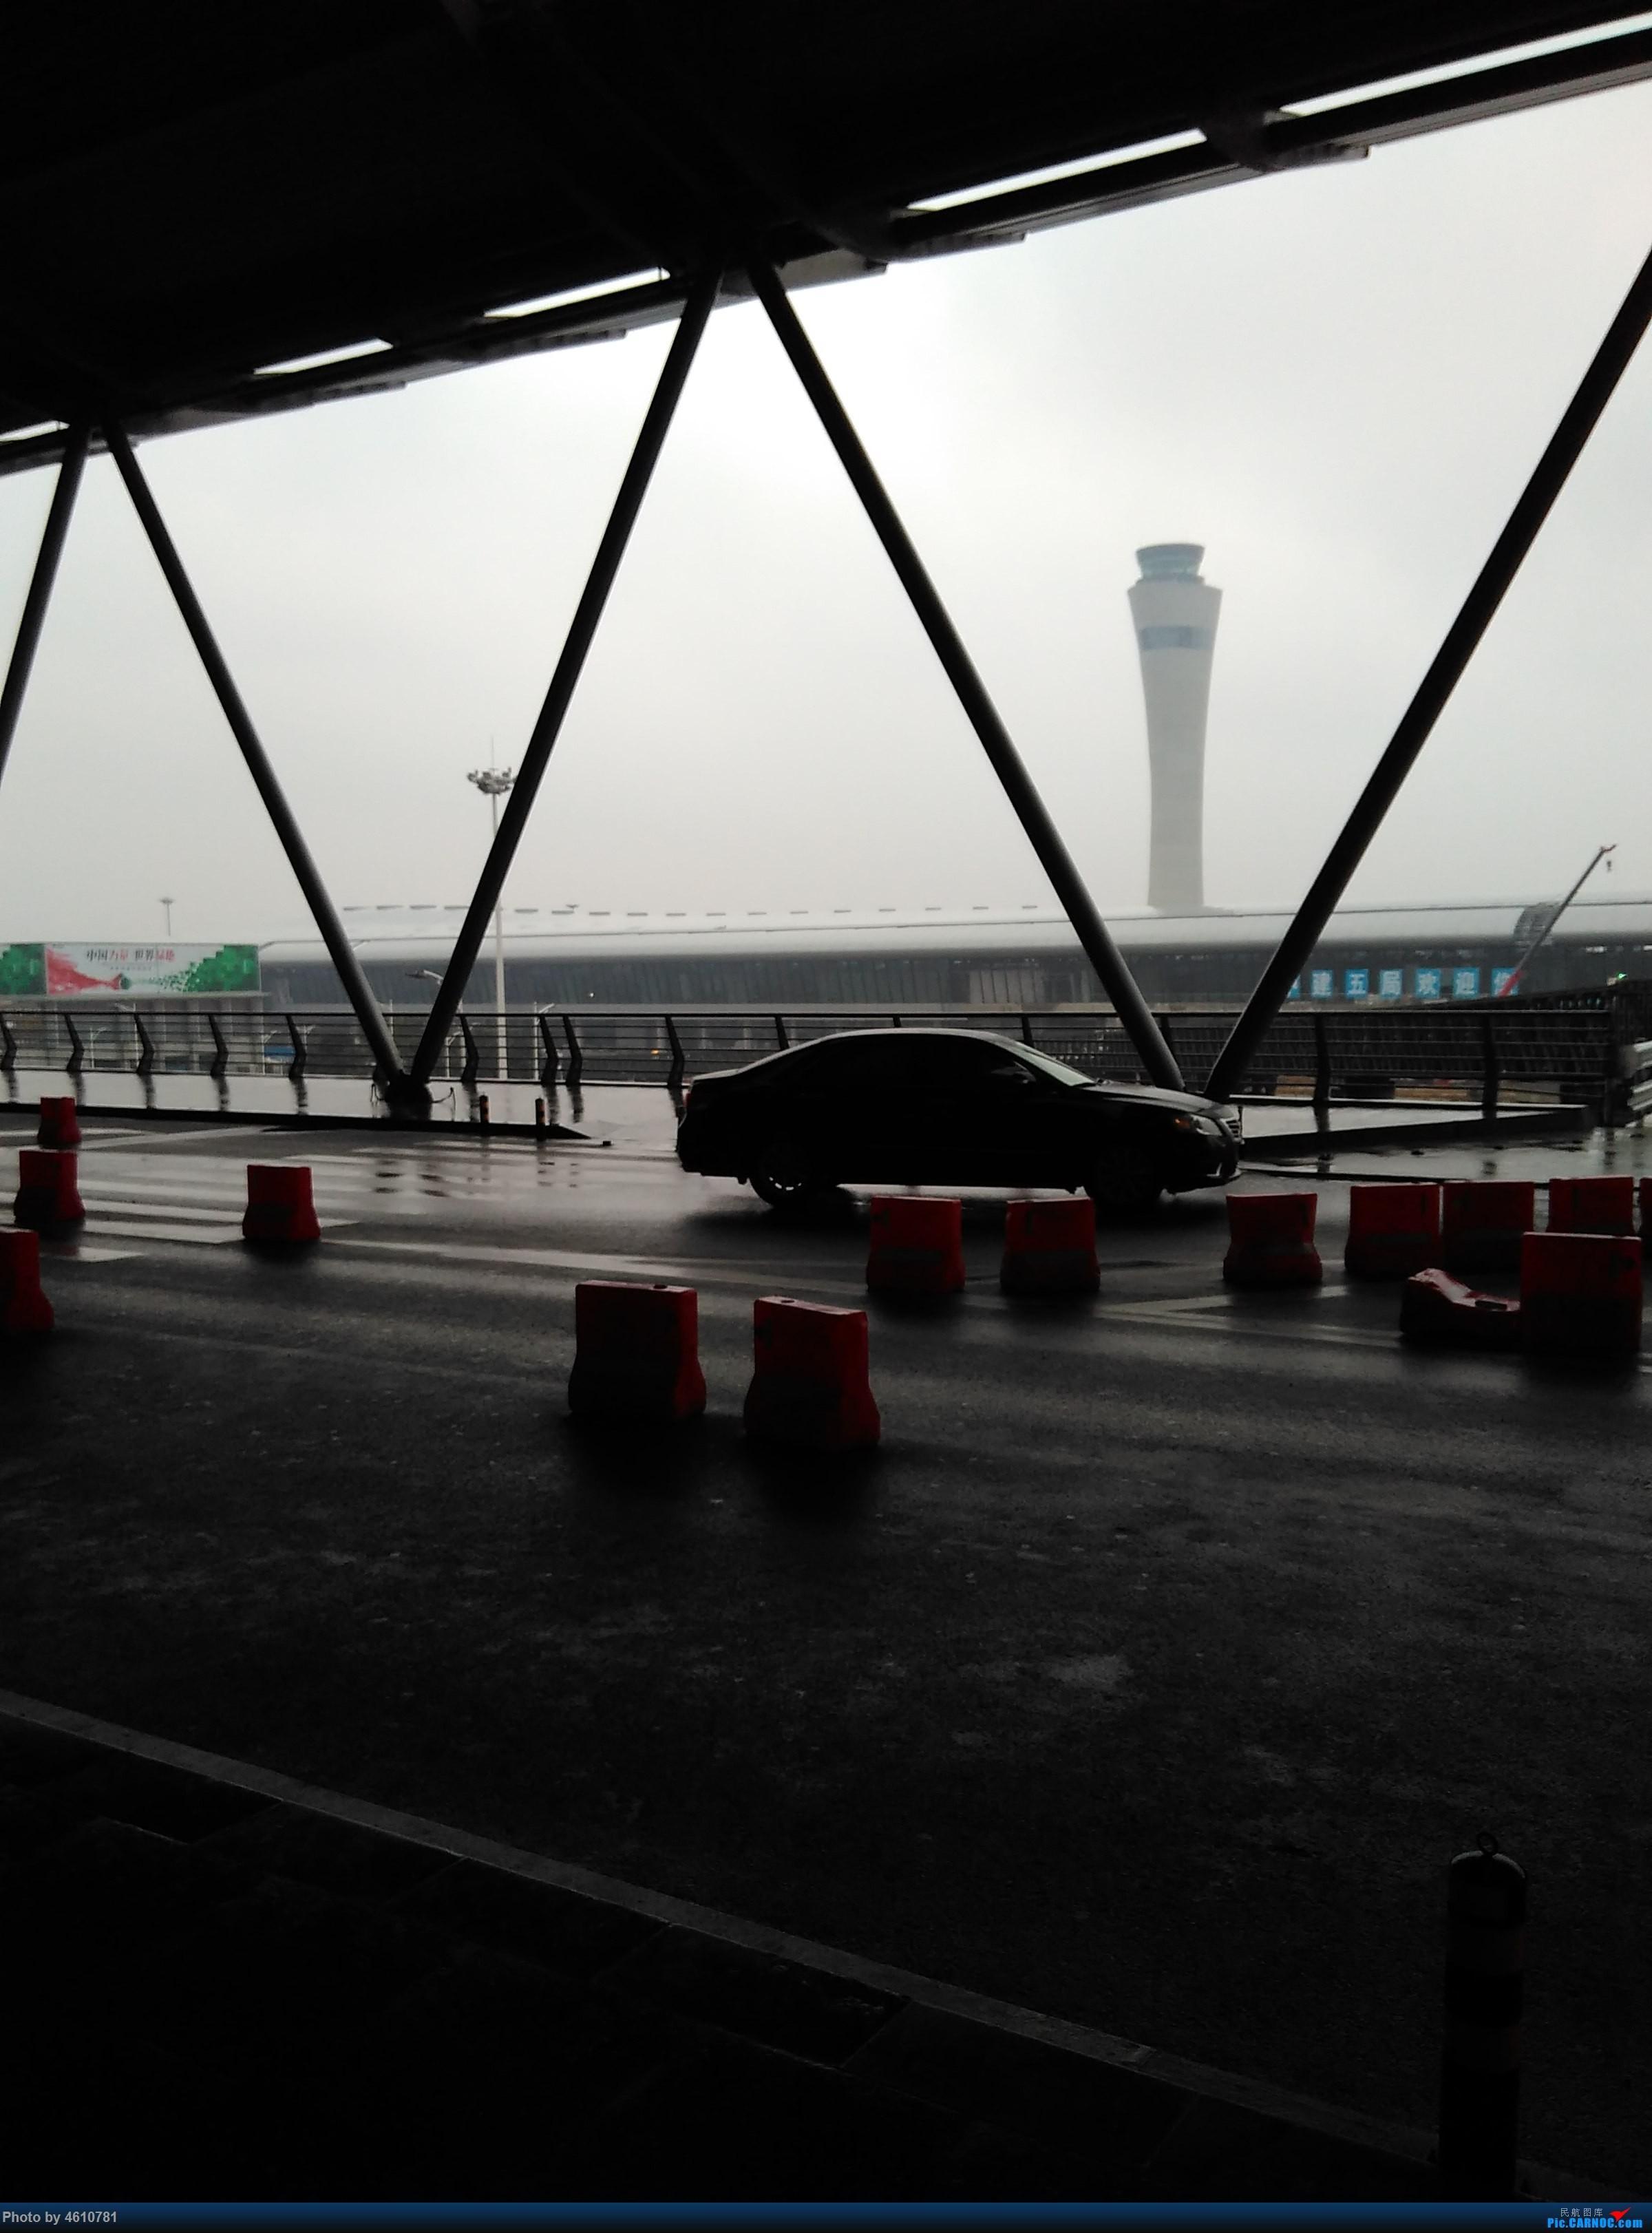 Re:郑州机场二期进行的怎么样了???? 唉!